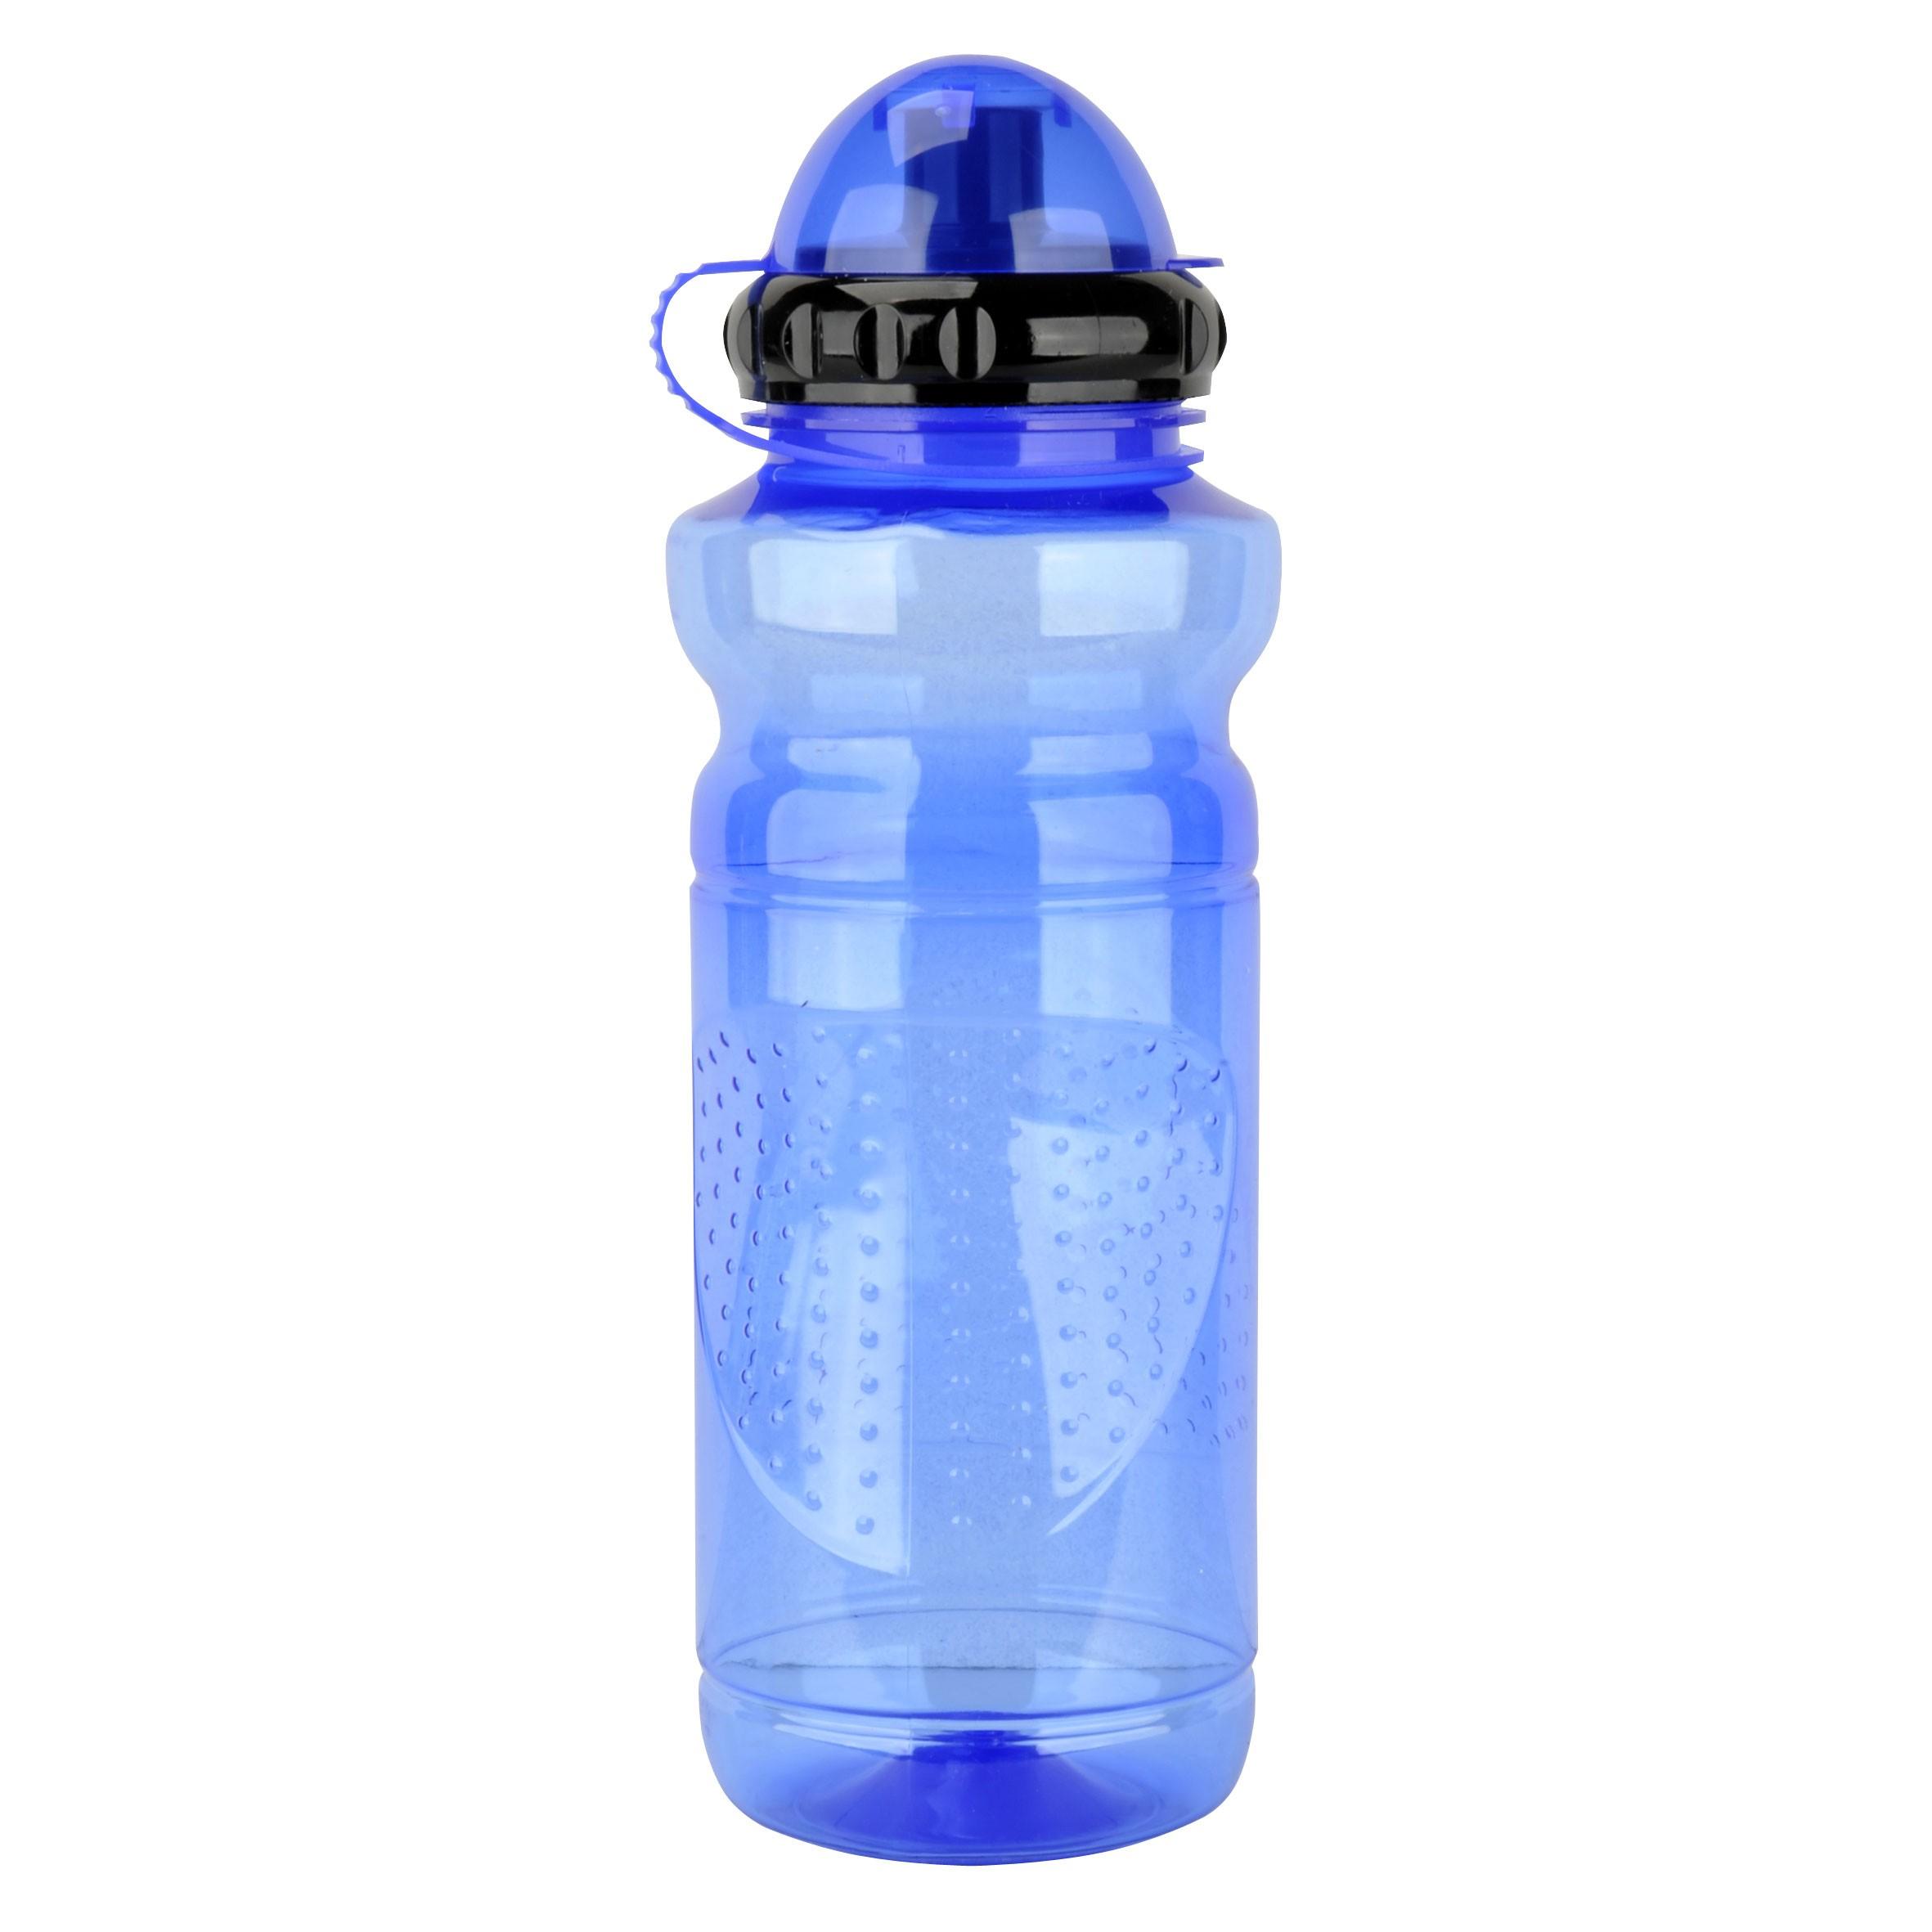 Fischer Fahrrad Trinkflasche Kunststoff blau 700ml Bild 1